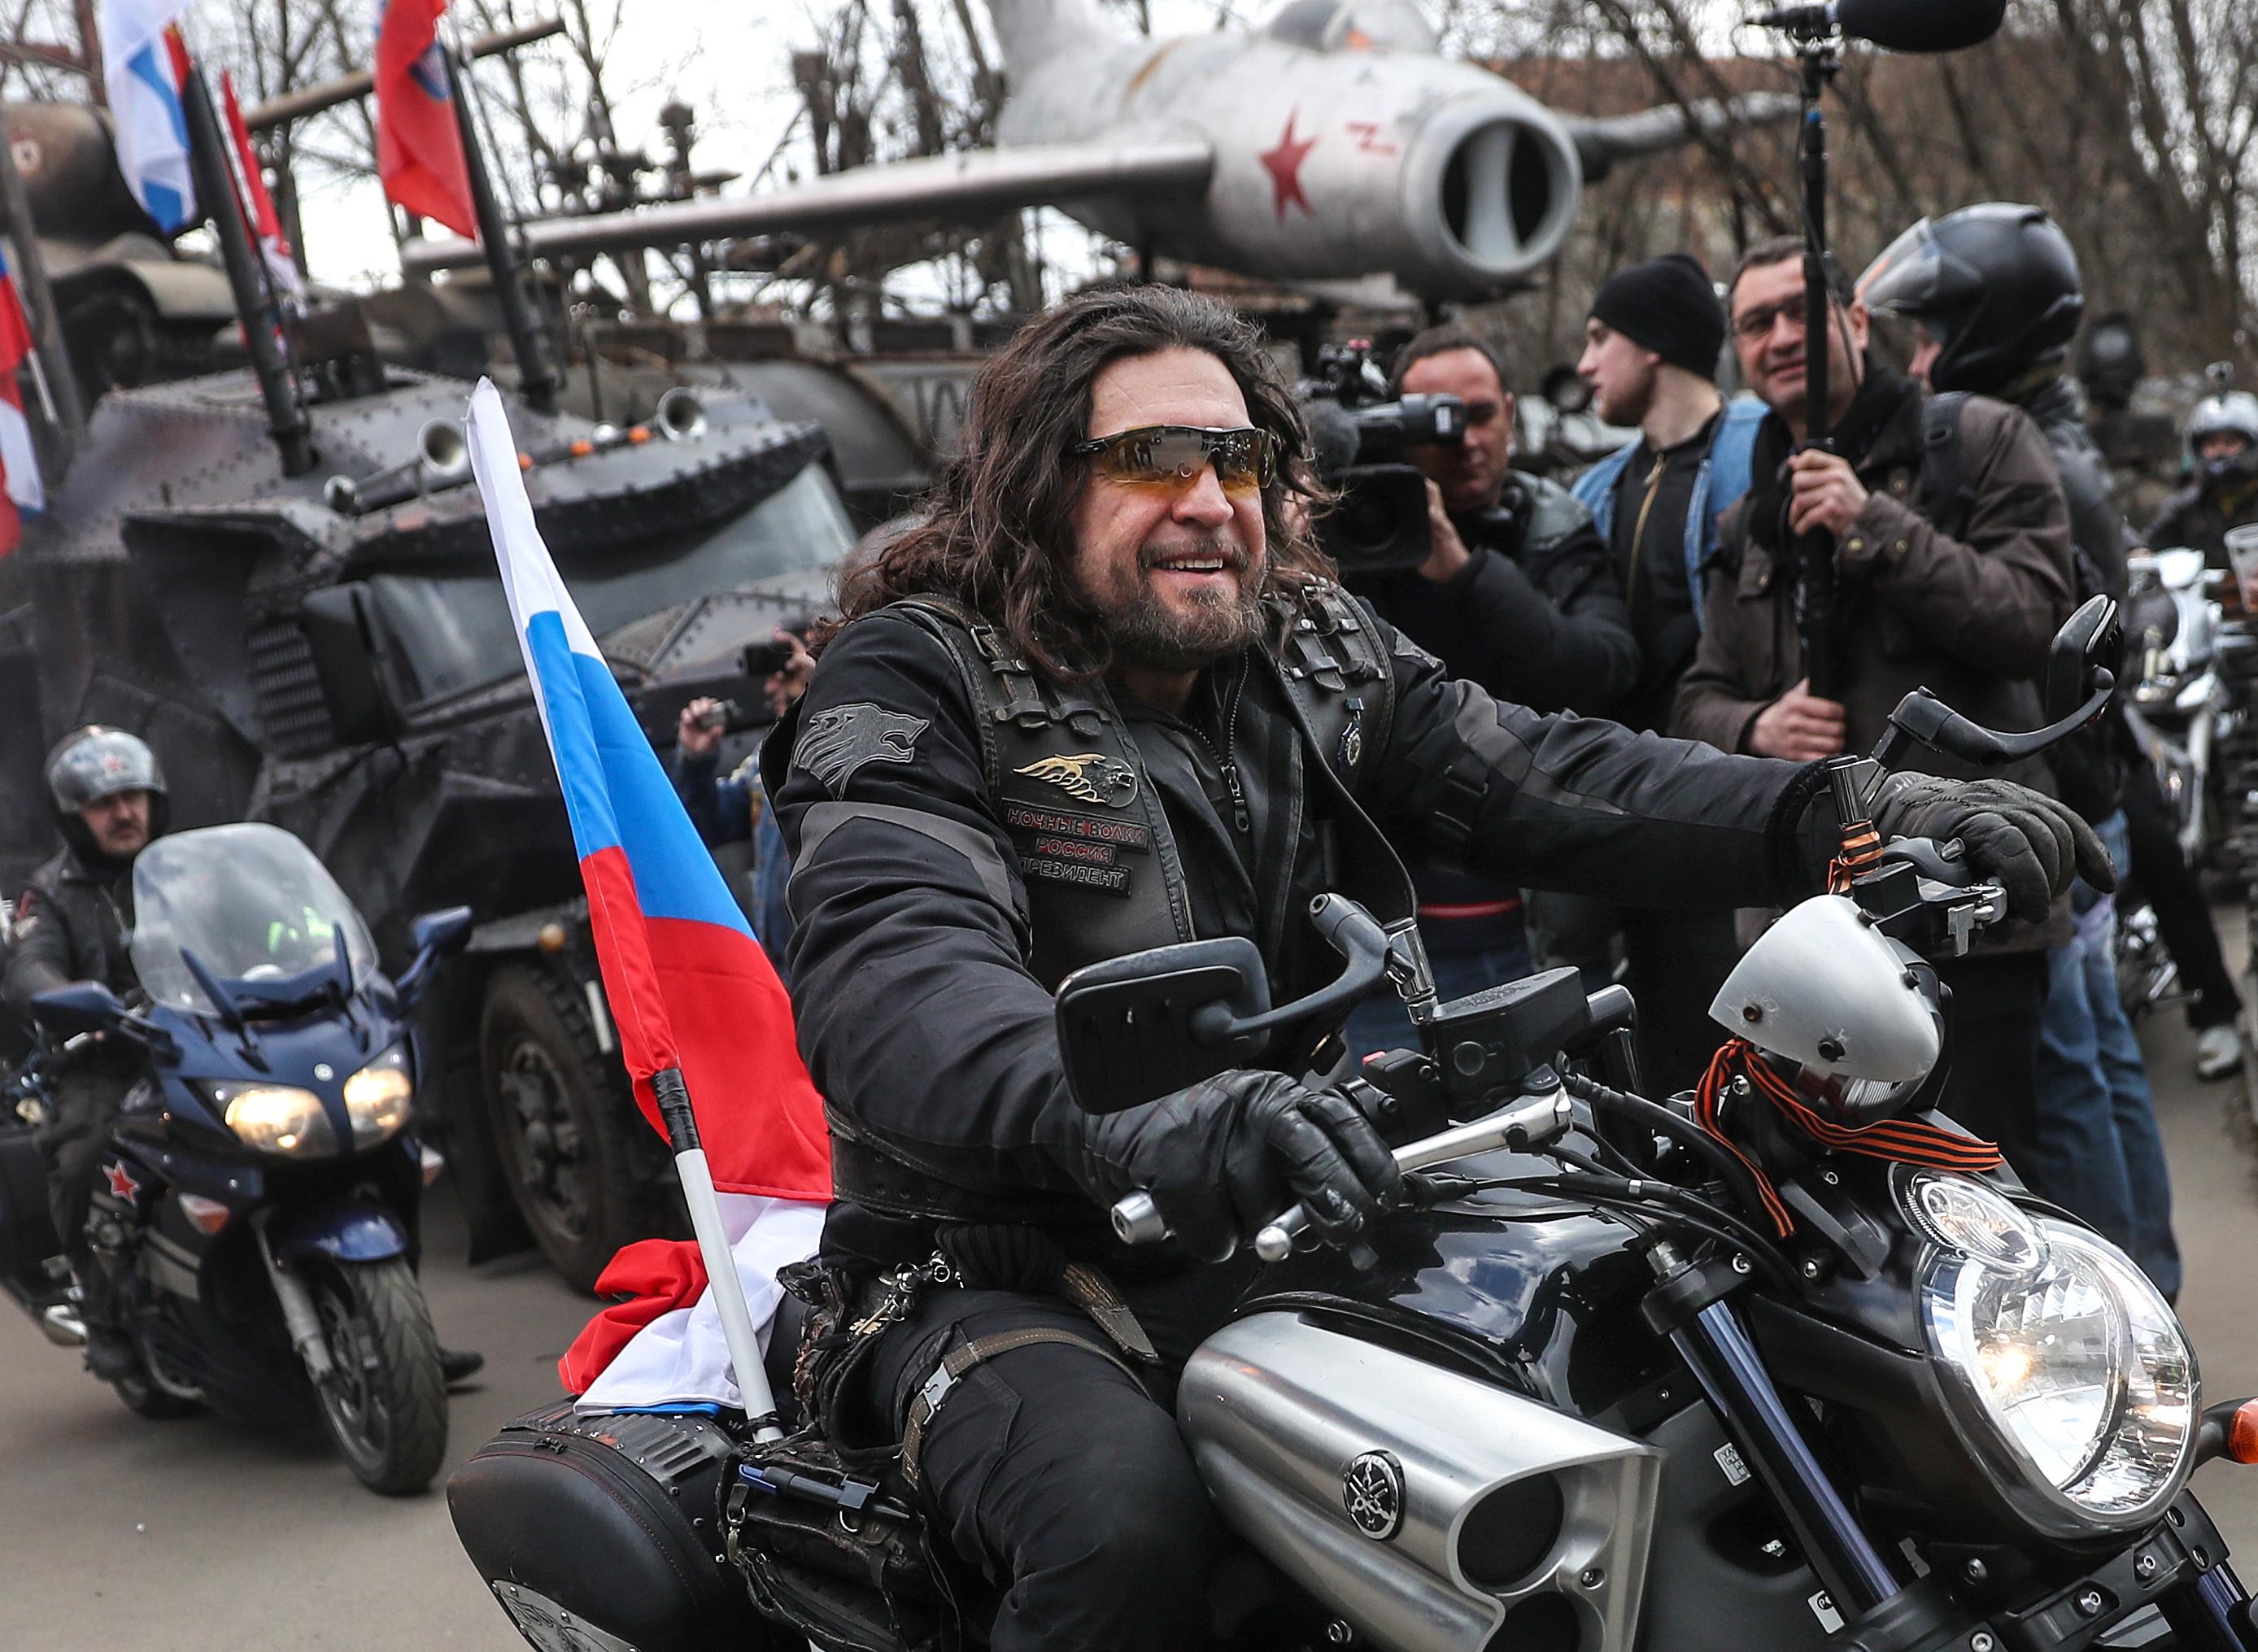 Украинские байкеры едут в Севастополь на шоу «Ночных волков» под флагами УССР